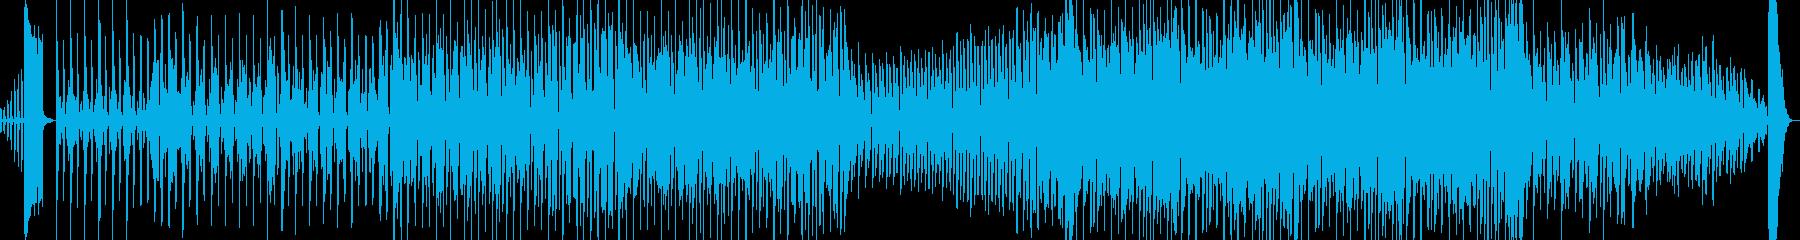 tiktokや動画で使うドッキリ成功の曲の再生済みの波形